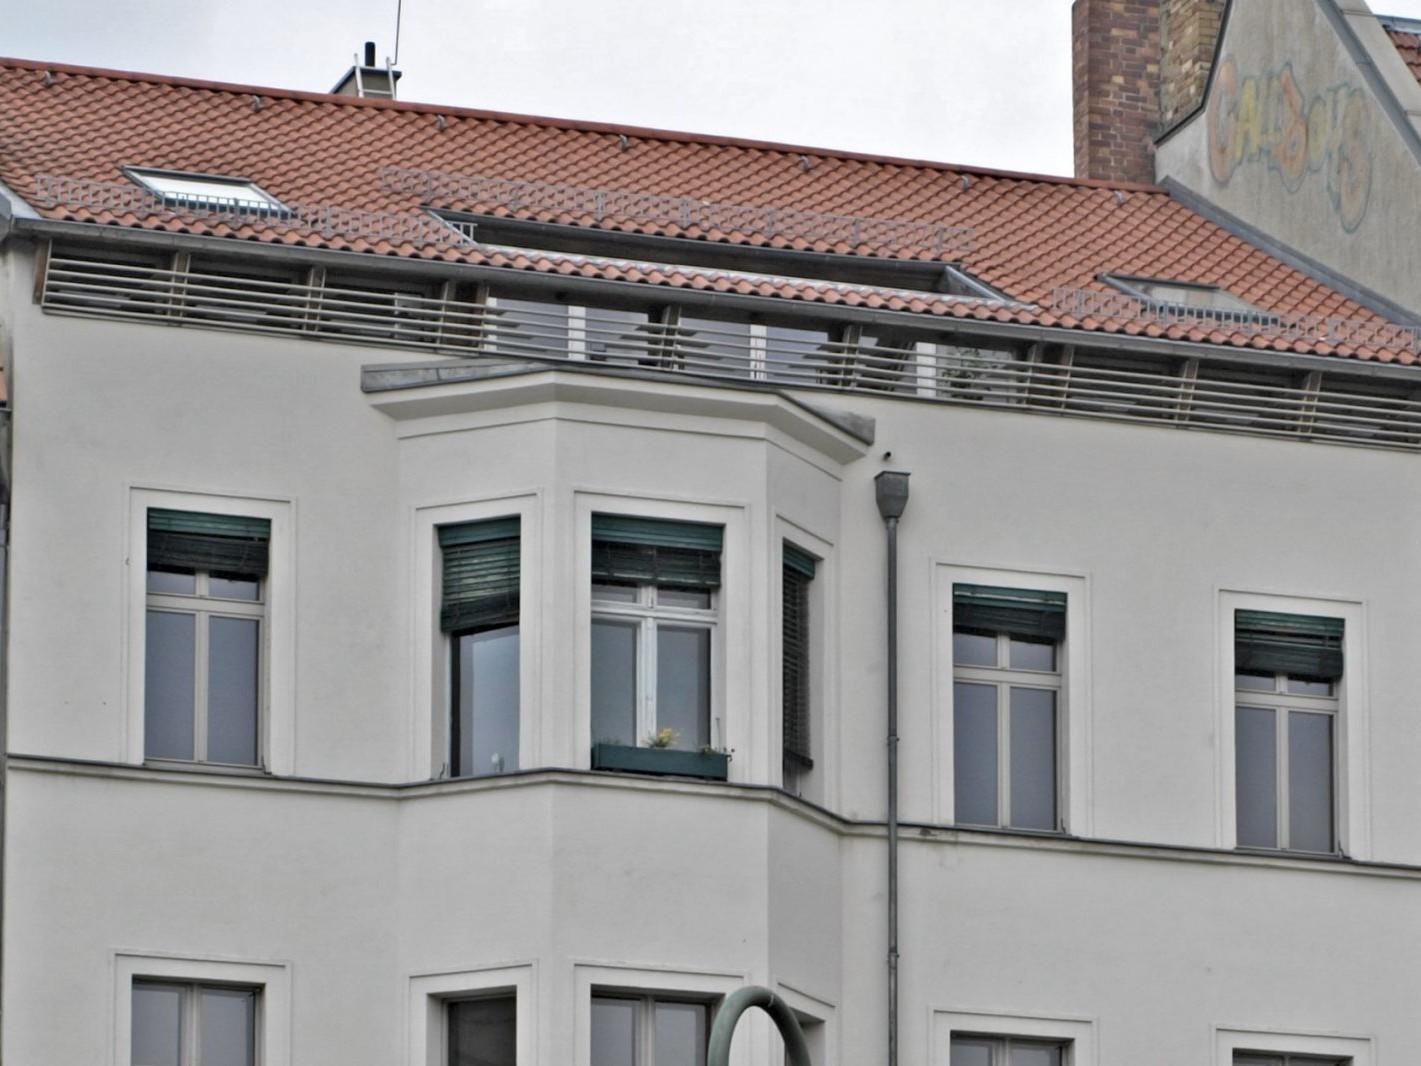 Wohnhaus Koppenplatz 10, Berlin-Mitte